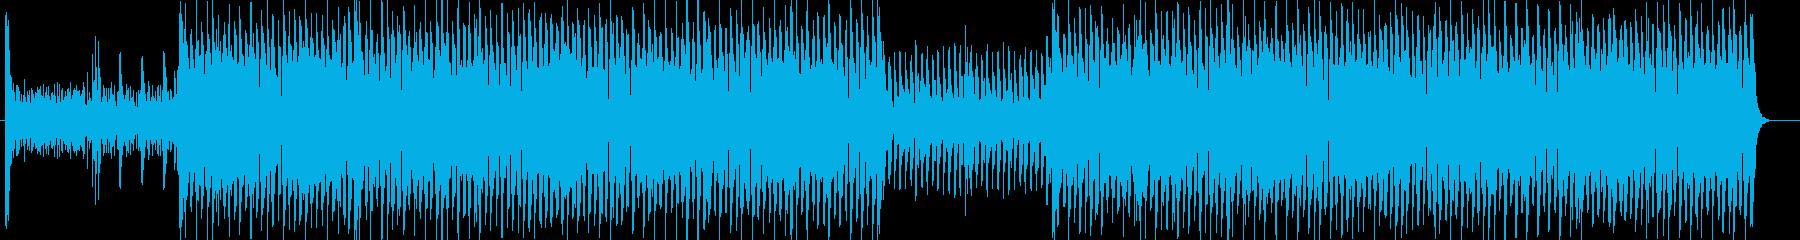 爽快でピアノが映えているテクノポップの再生済みの波形